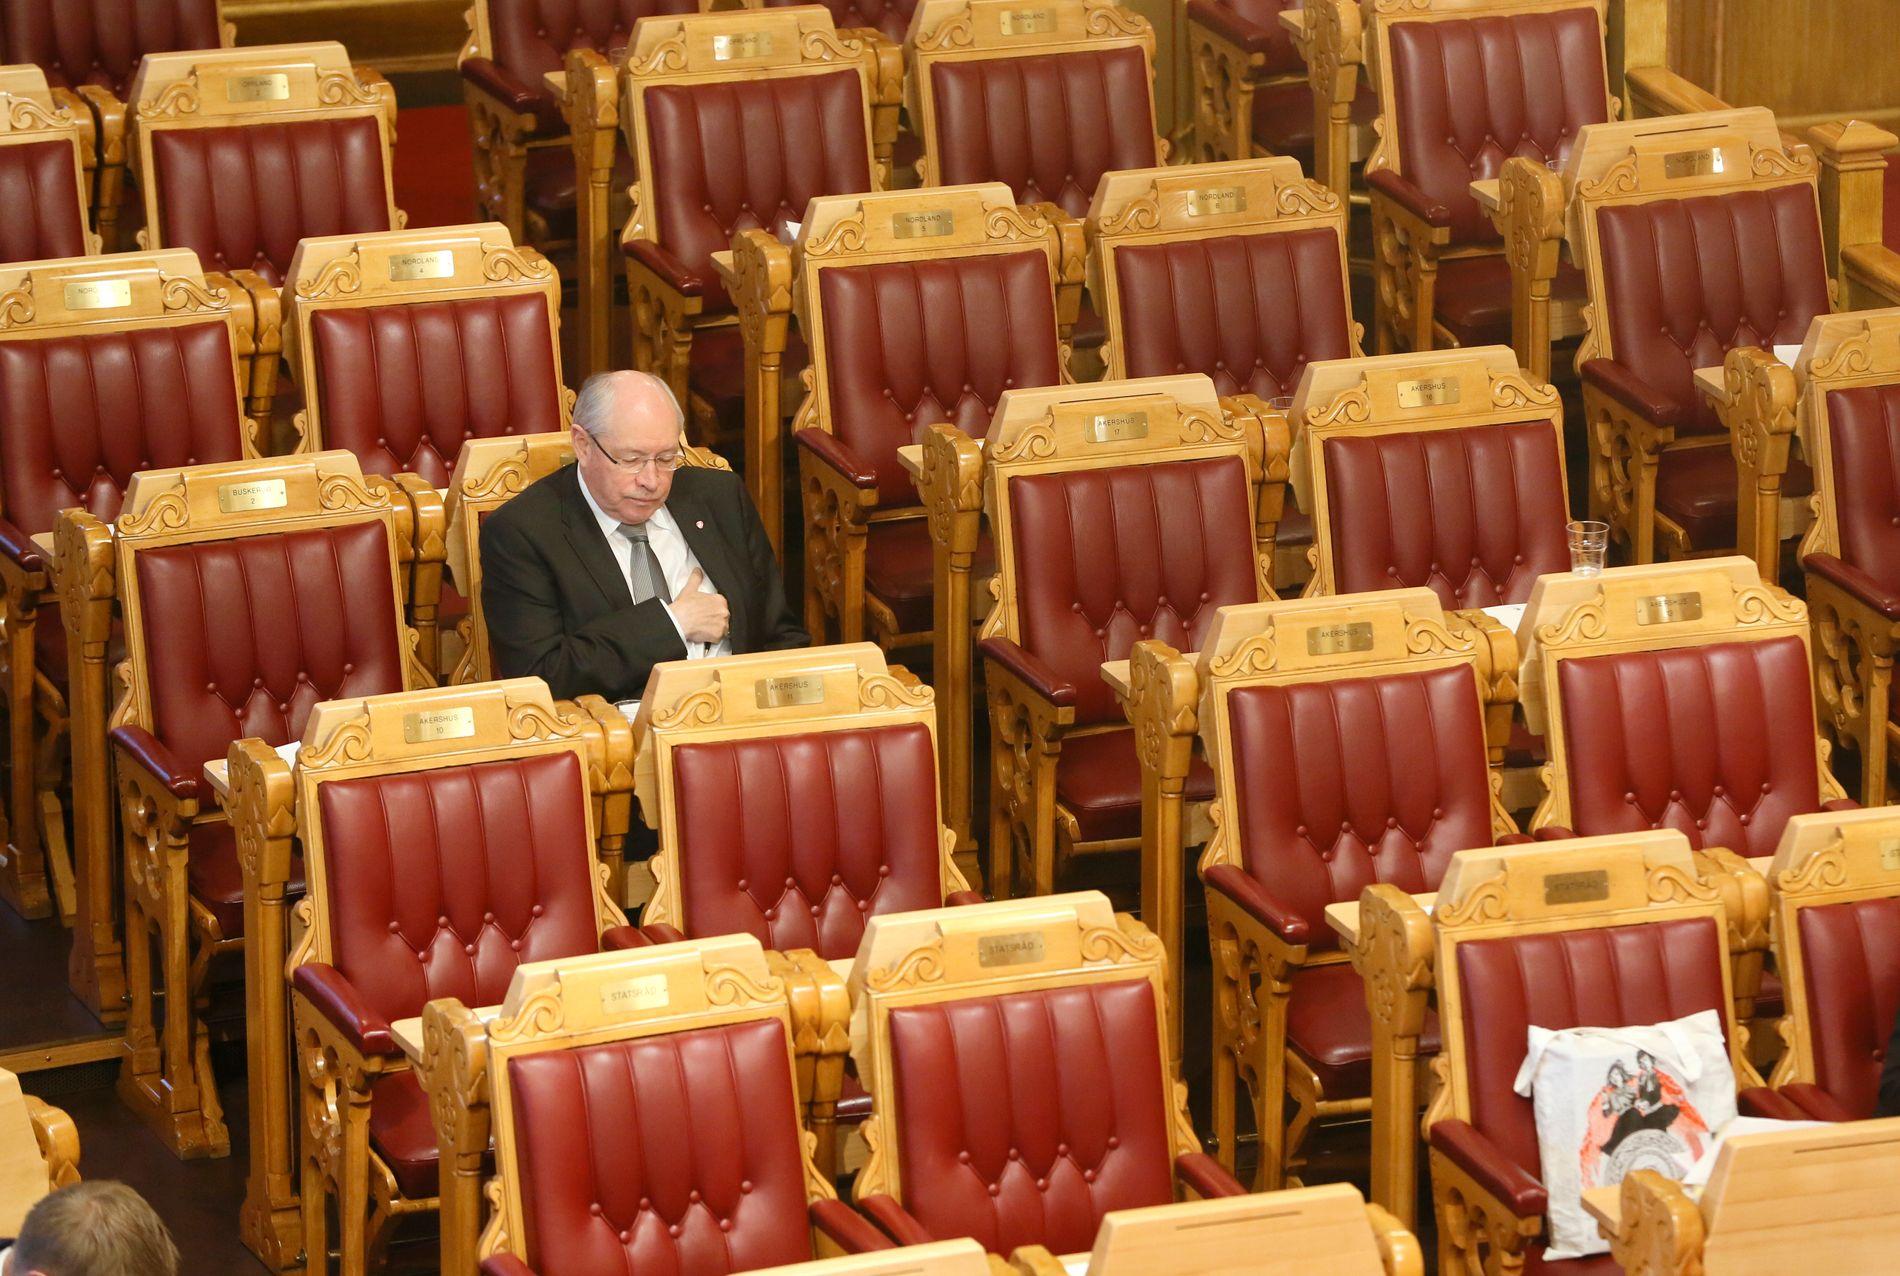 EINSAM SVALE: Politikken er iblant litt keisam, skriv Solhjell. Her koser Martin Kolberg (Ap) seg i salen.